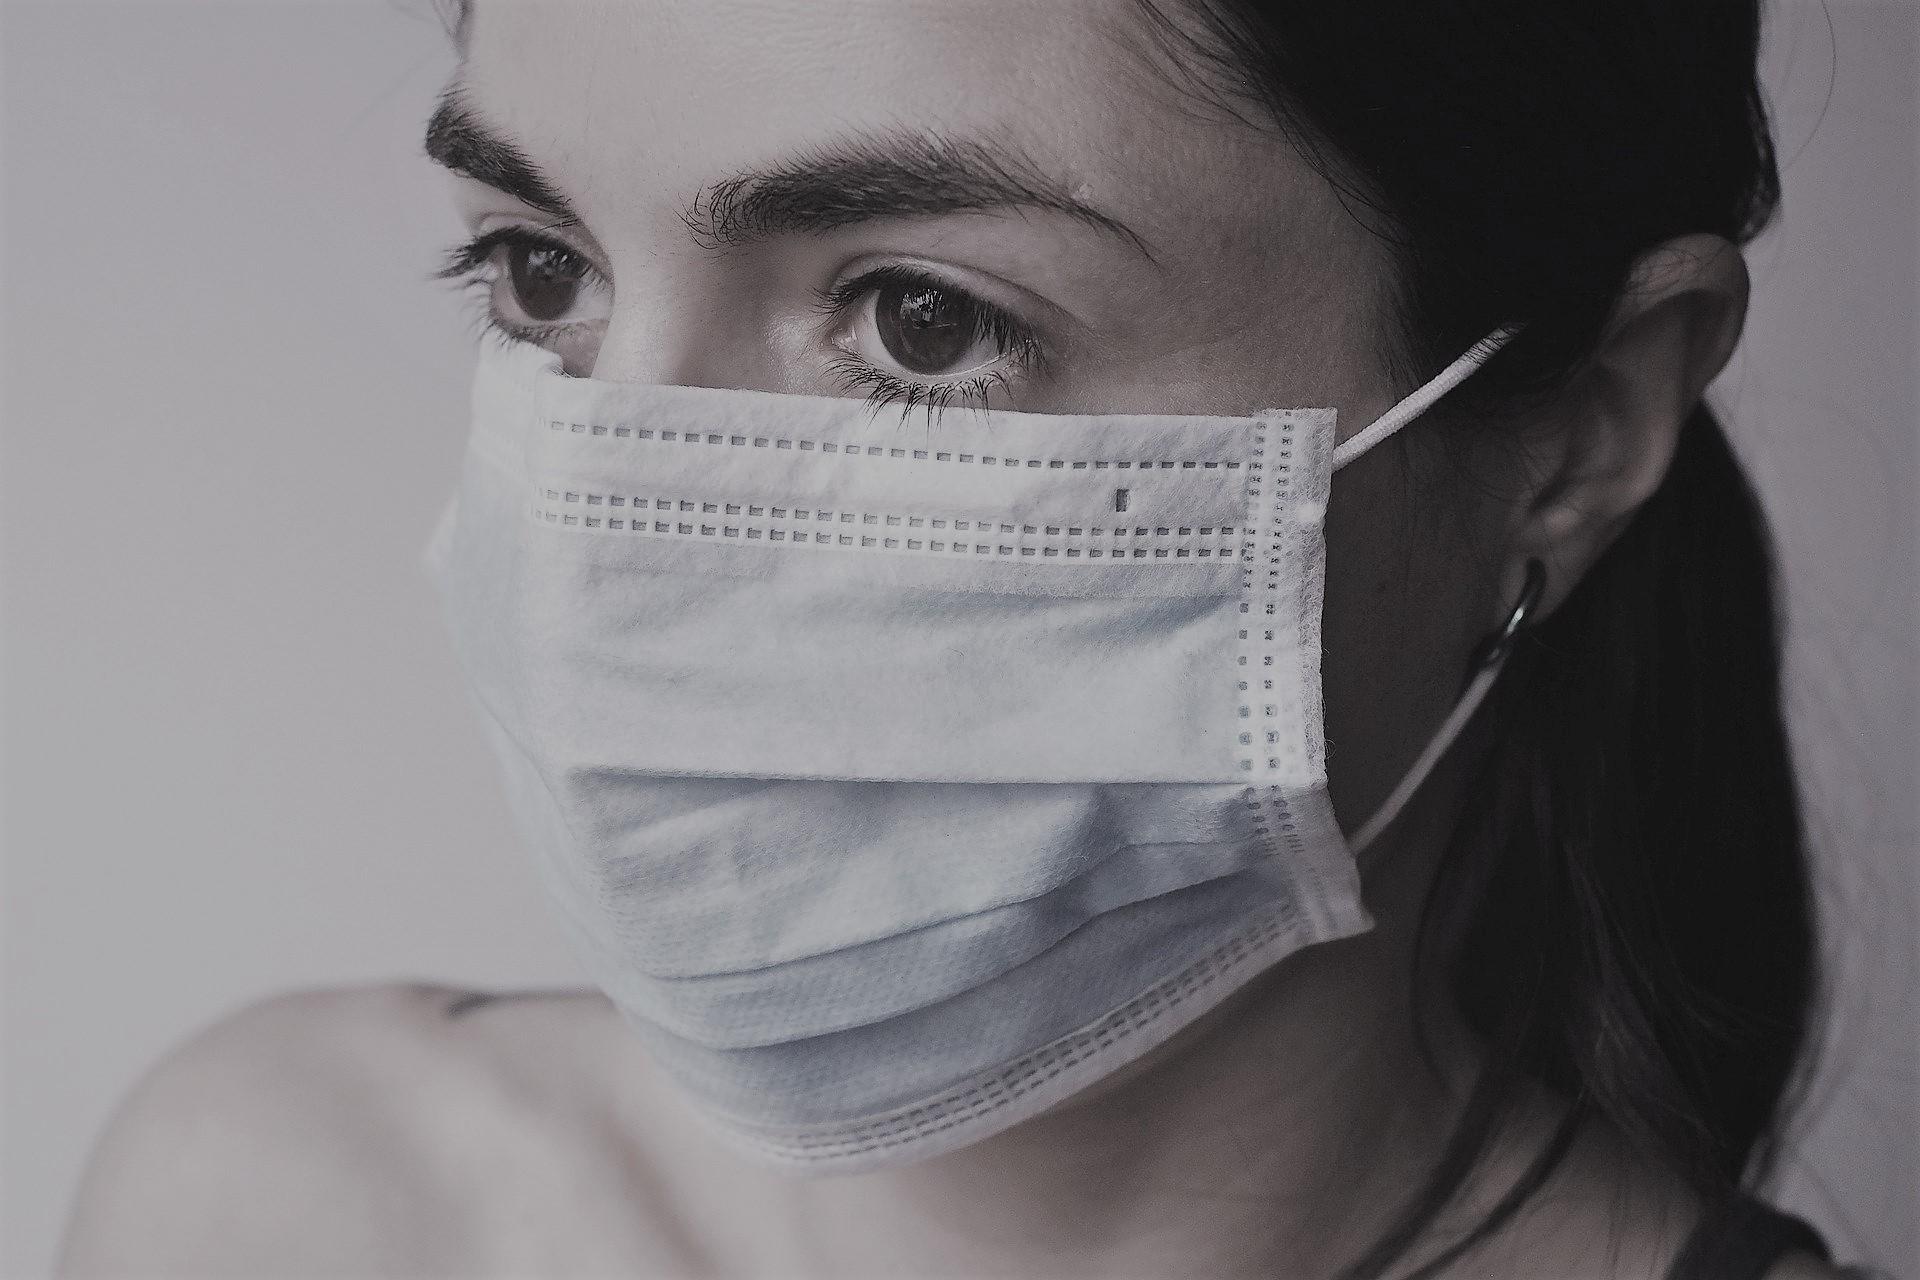 La communication non verbale détériorée par le port du masque